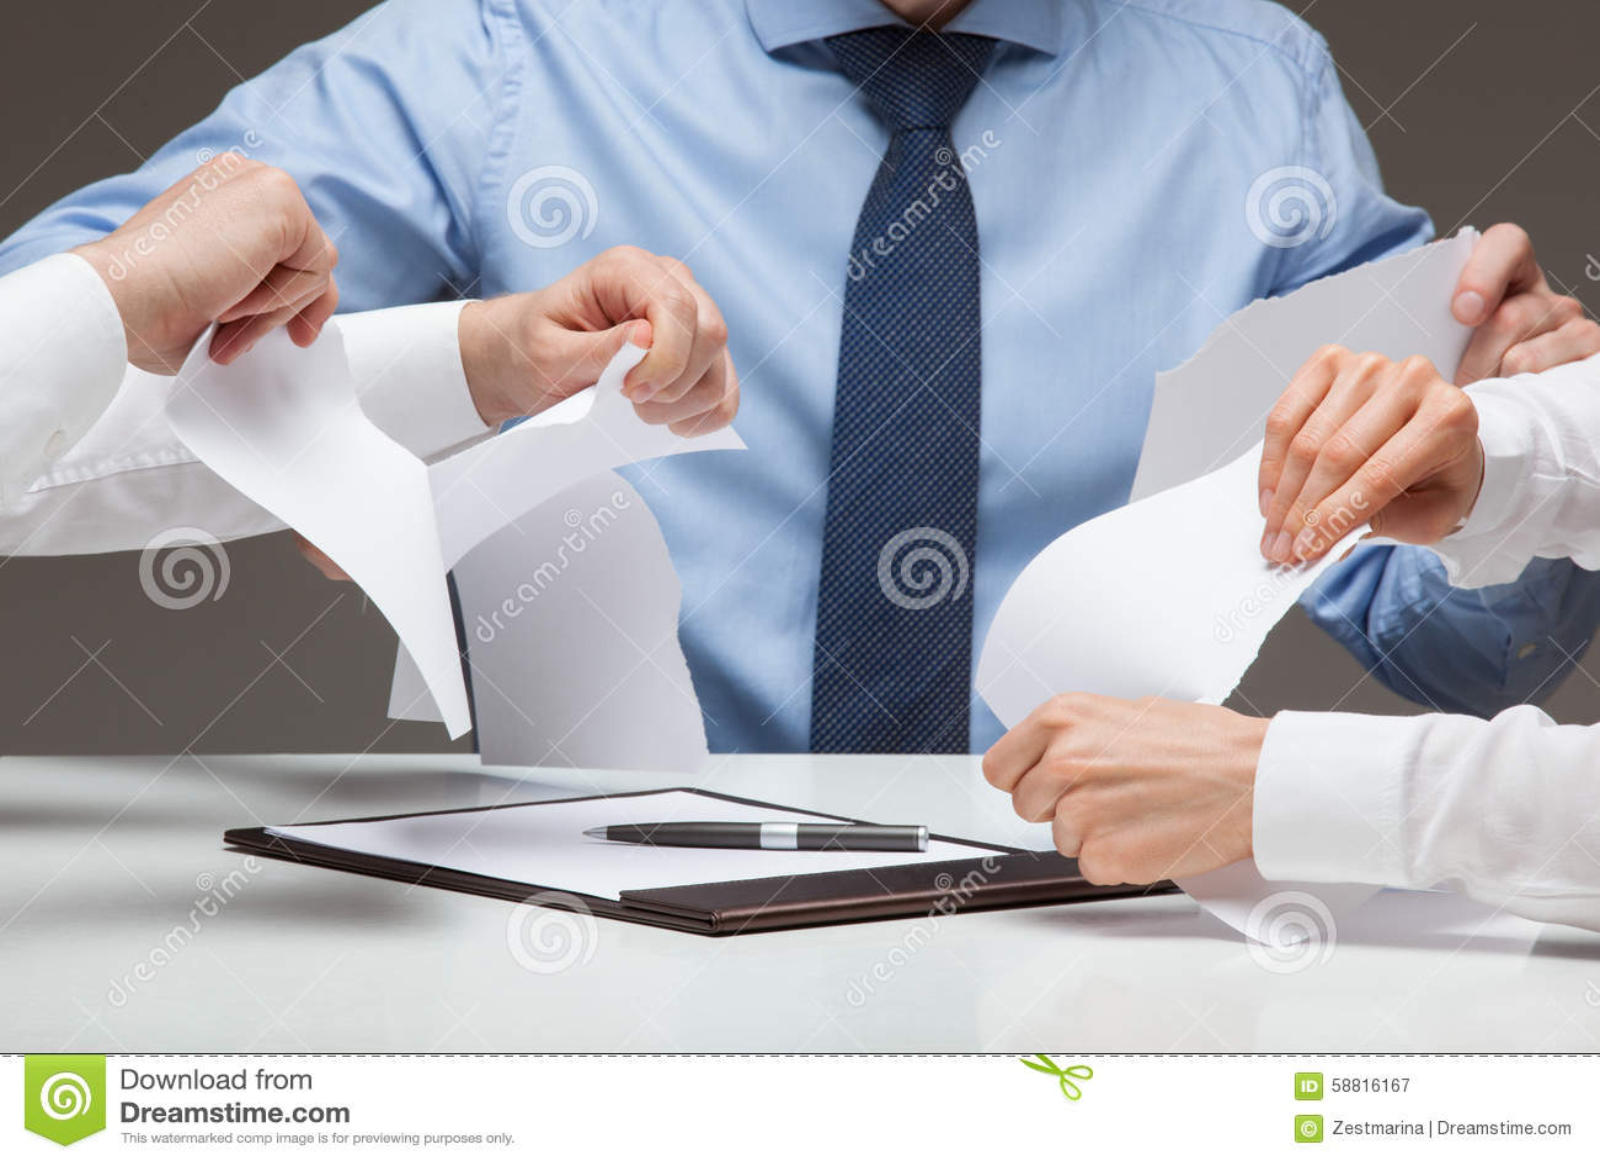 Geschäftsleute, die grausam Dokumente zerreißen